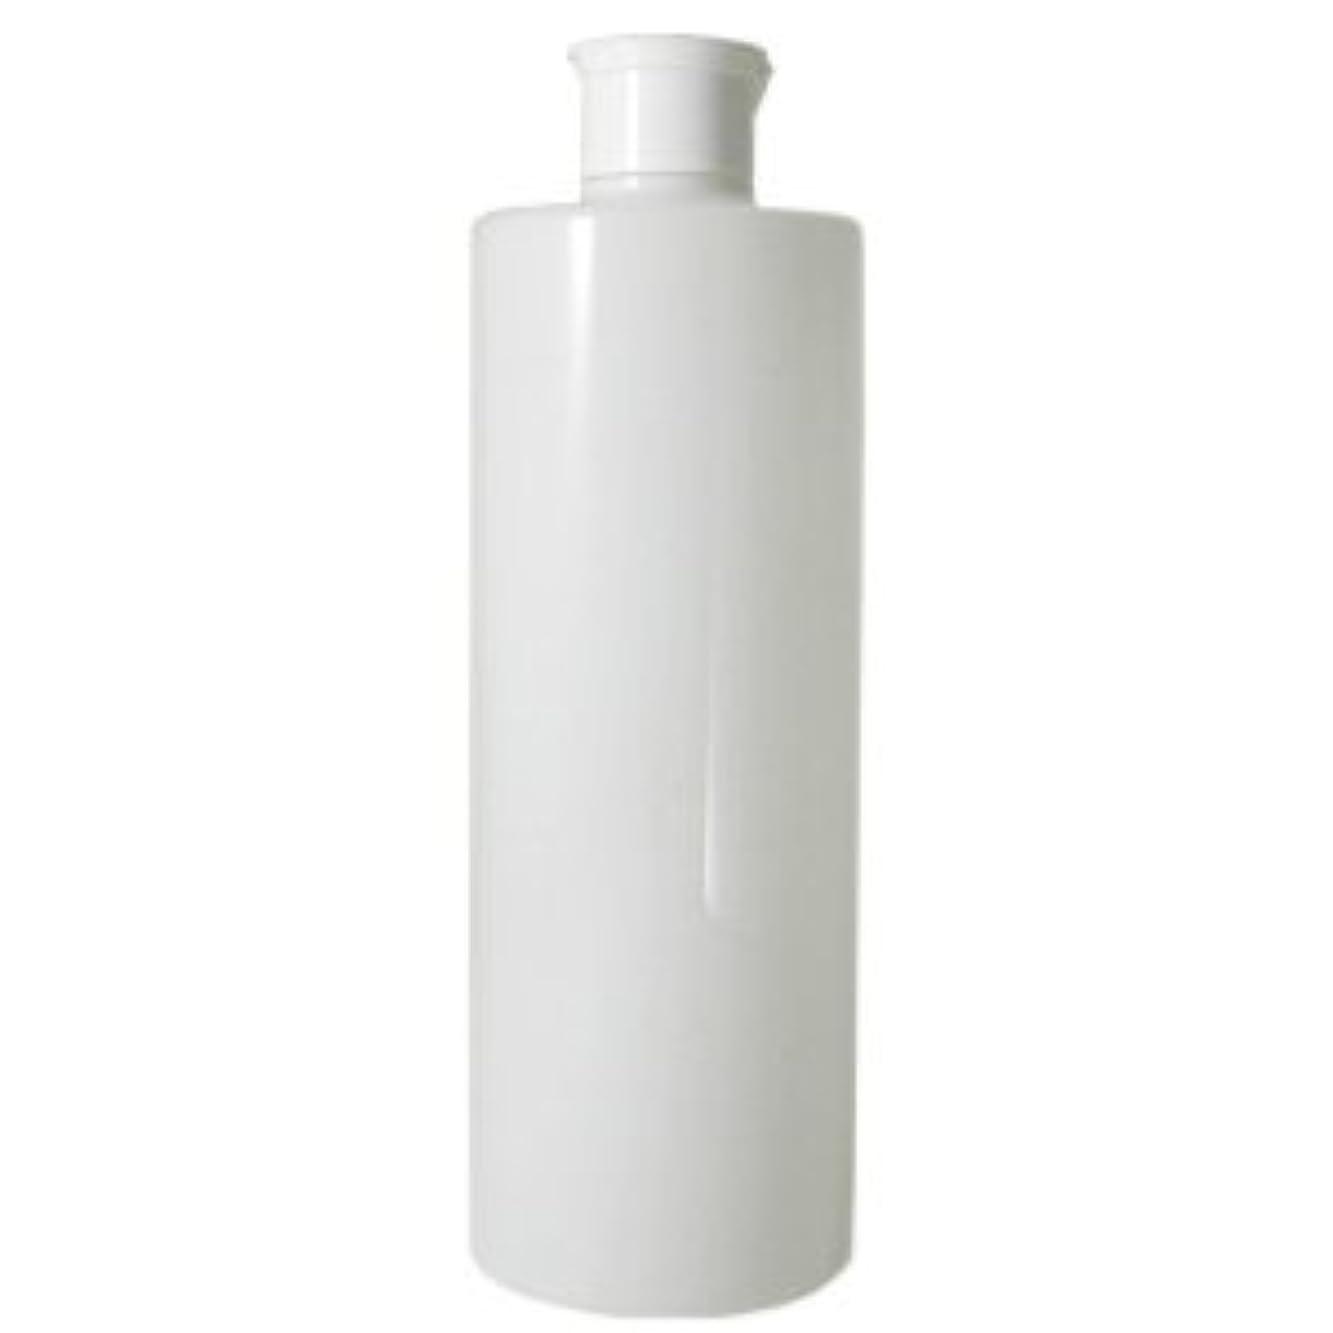 叱る入り口残酷なワンタッチキャップ 乳白半透明容器 500ml